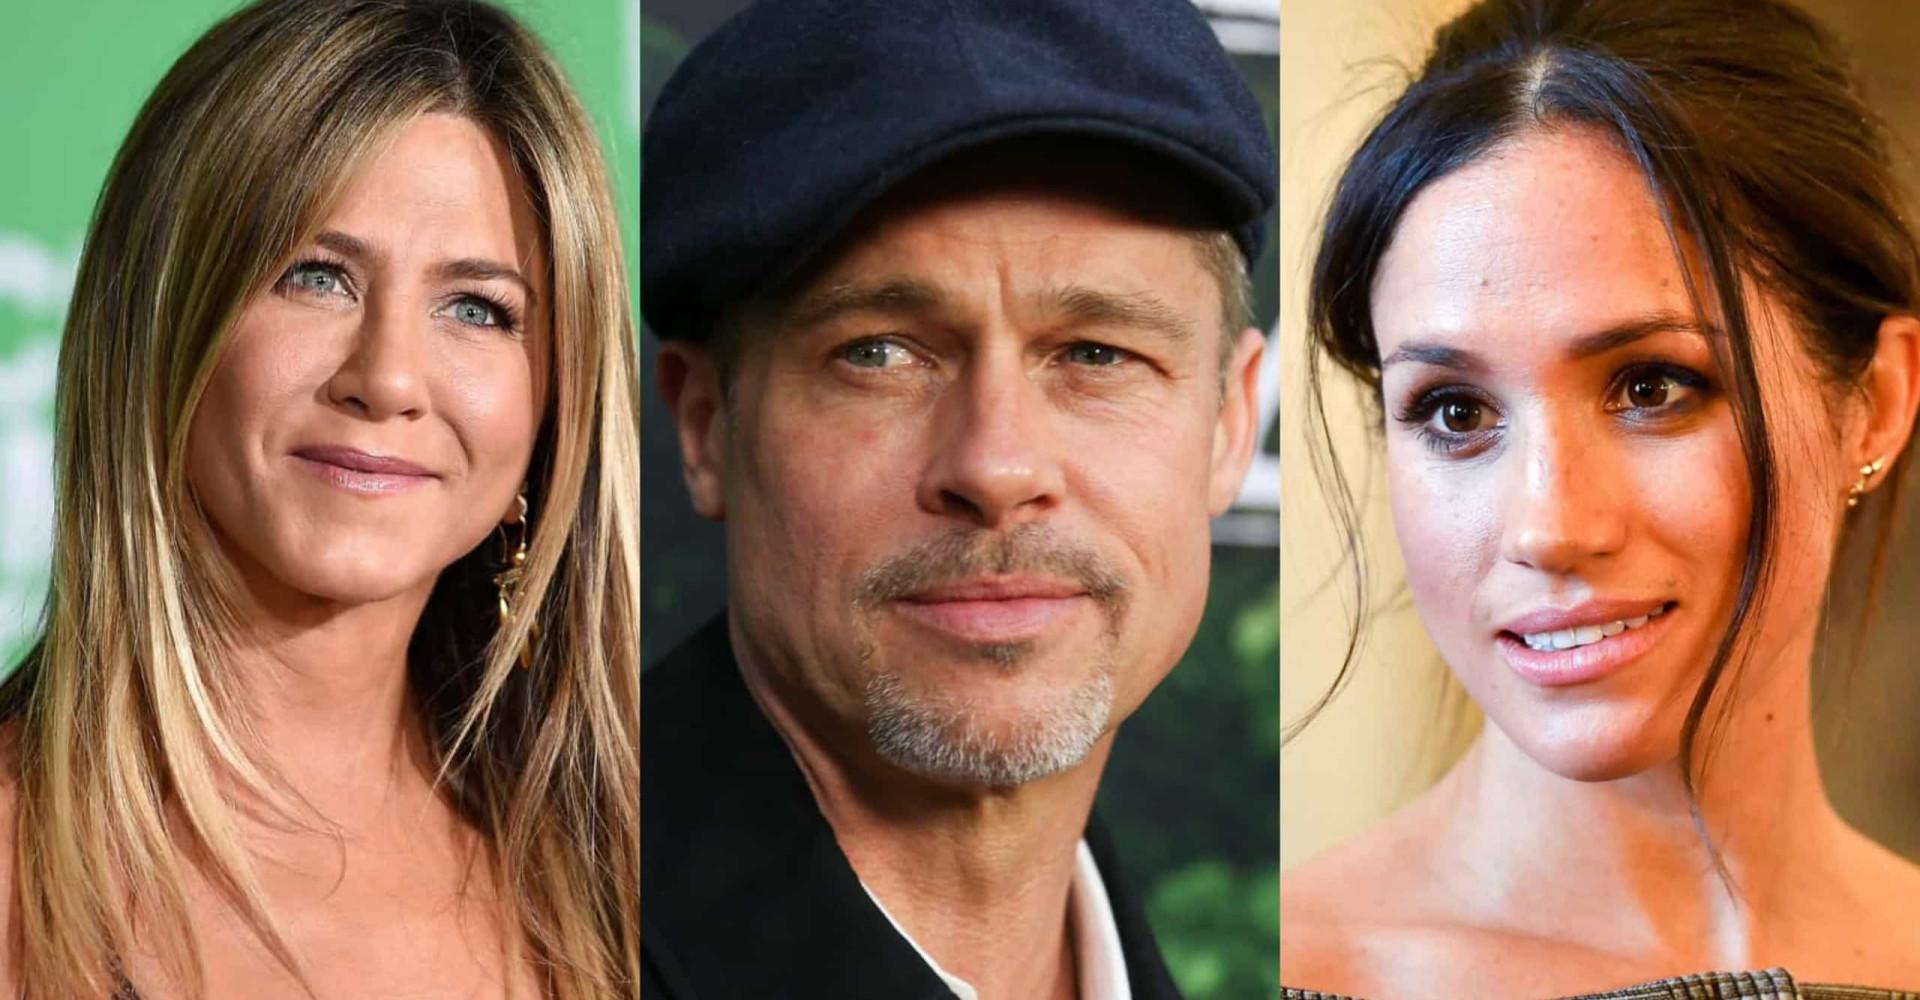 Pseudonymes et célébrités: comment s'appellent réellement ces stars?